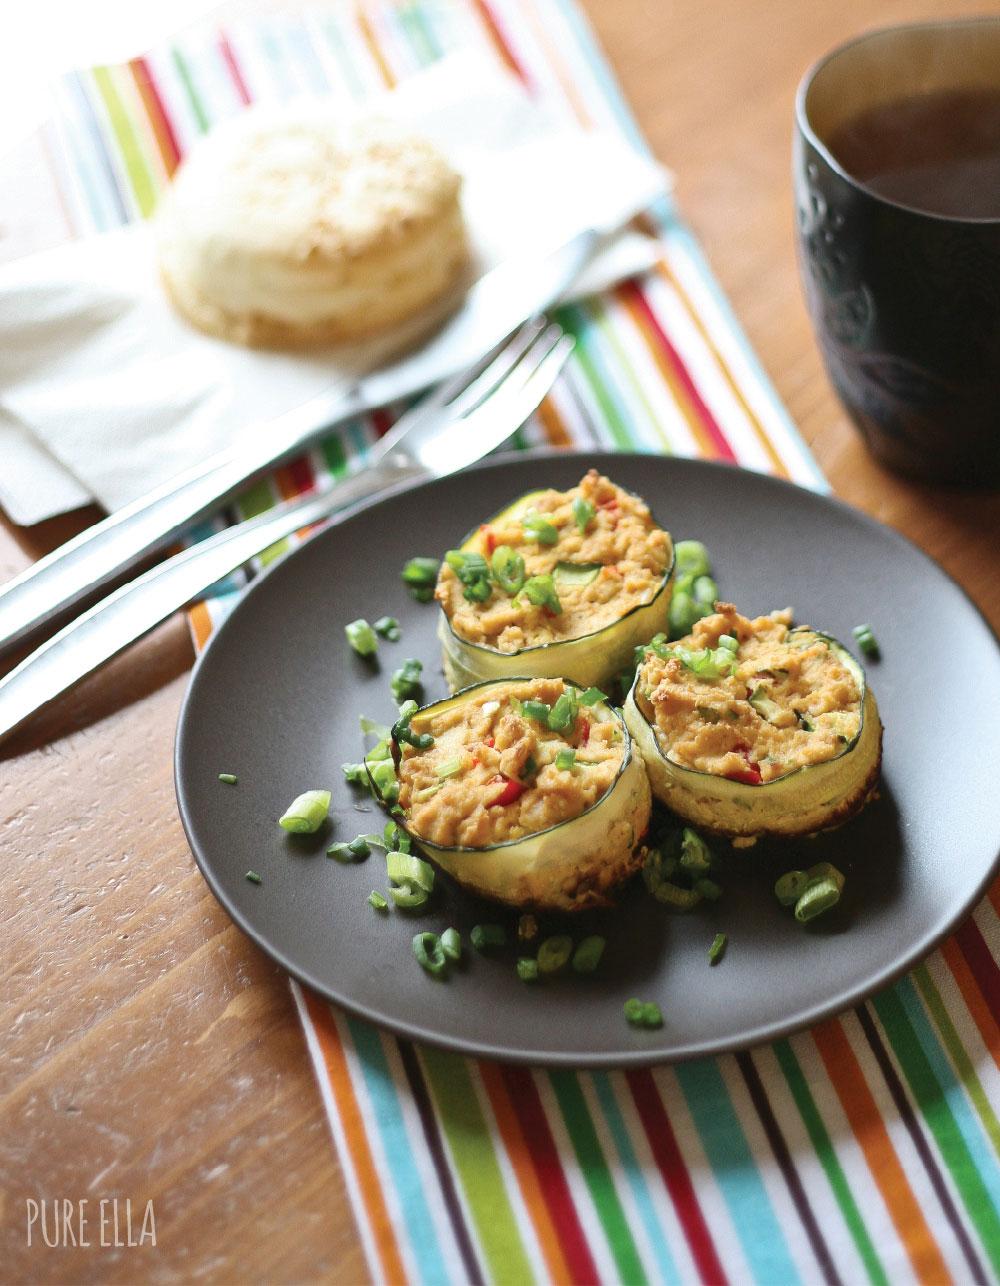 Pure-Ella-Zucchini-wrapped-mini-vegan-quiches6